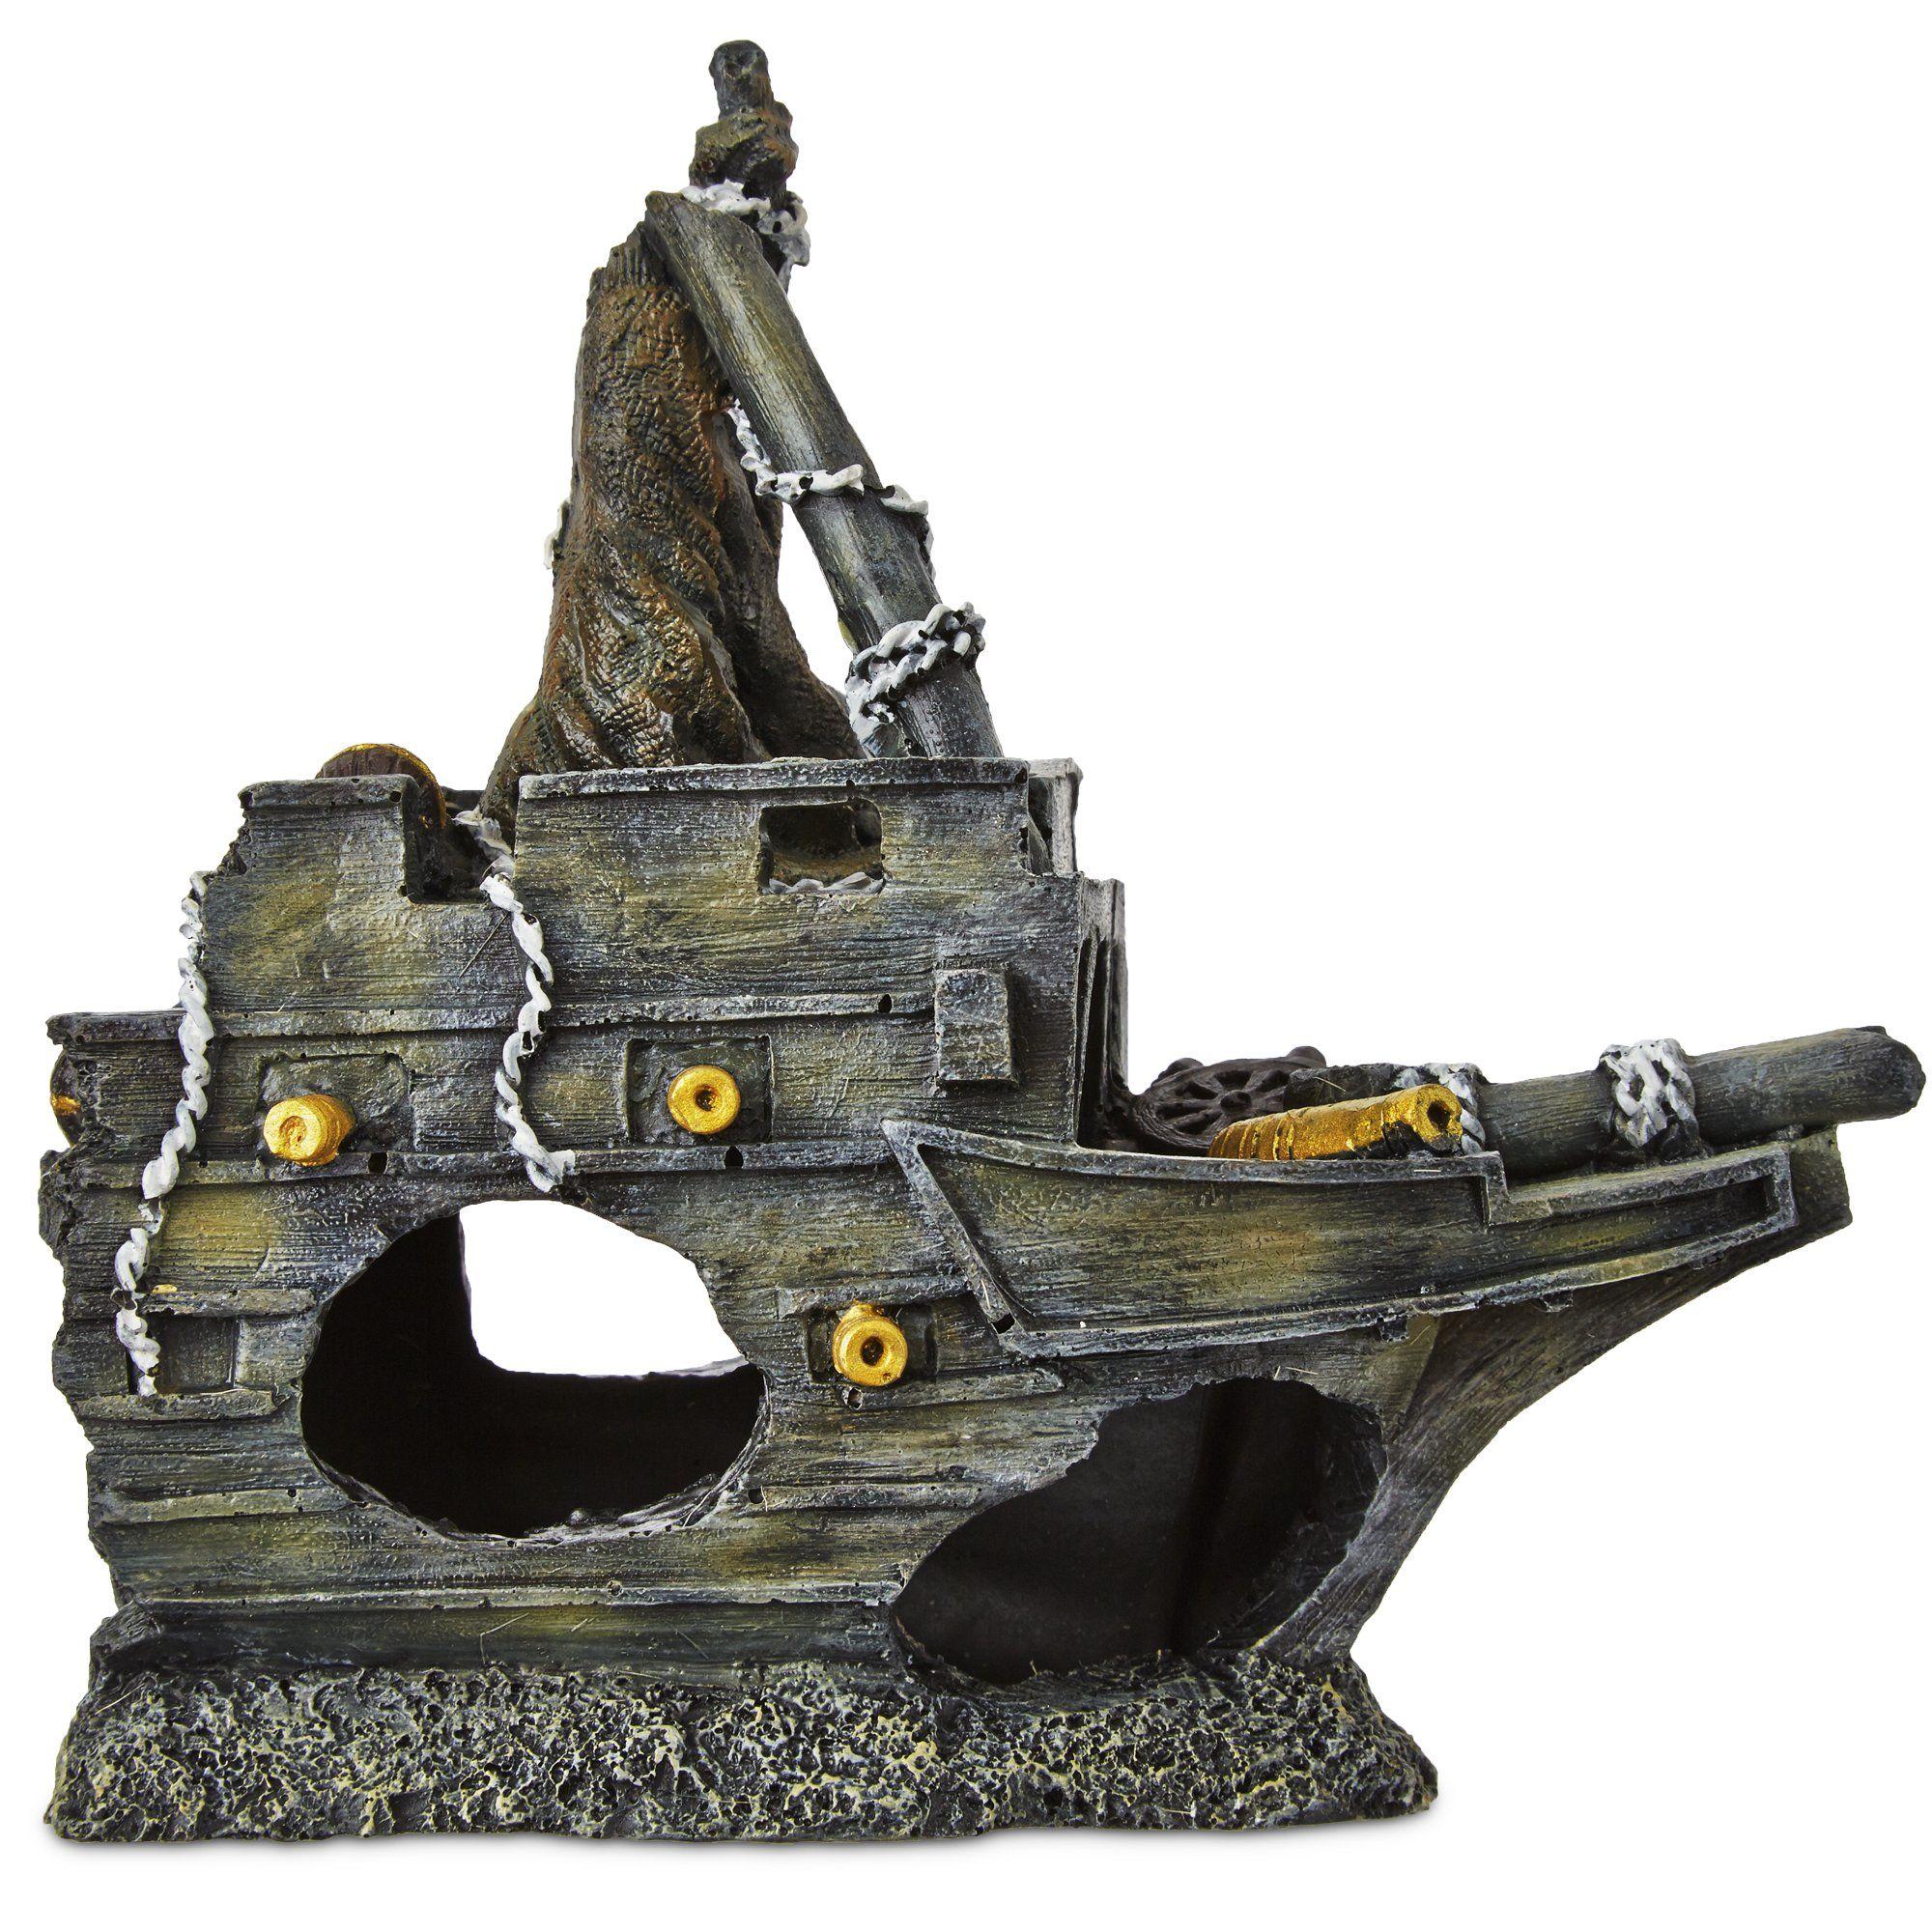 Imagitarium Front Shipwreck Ornament